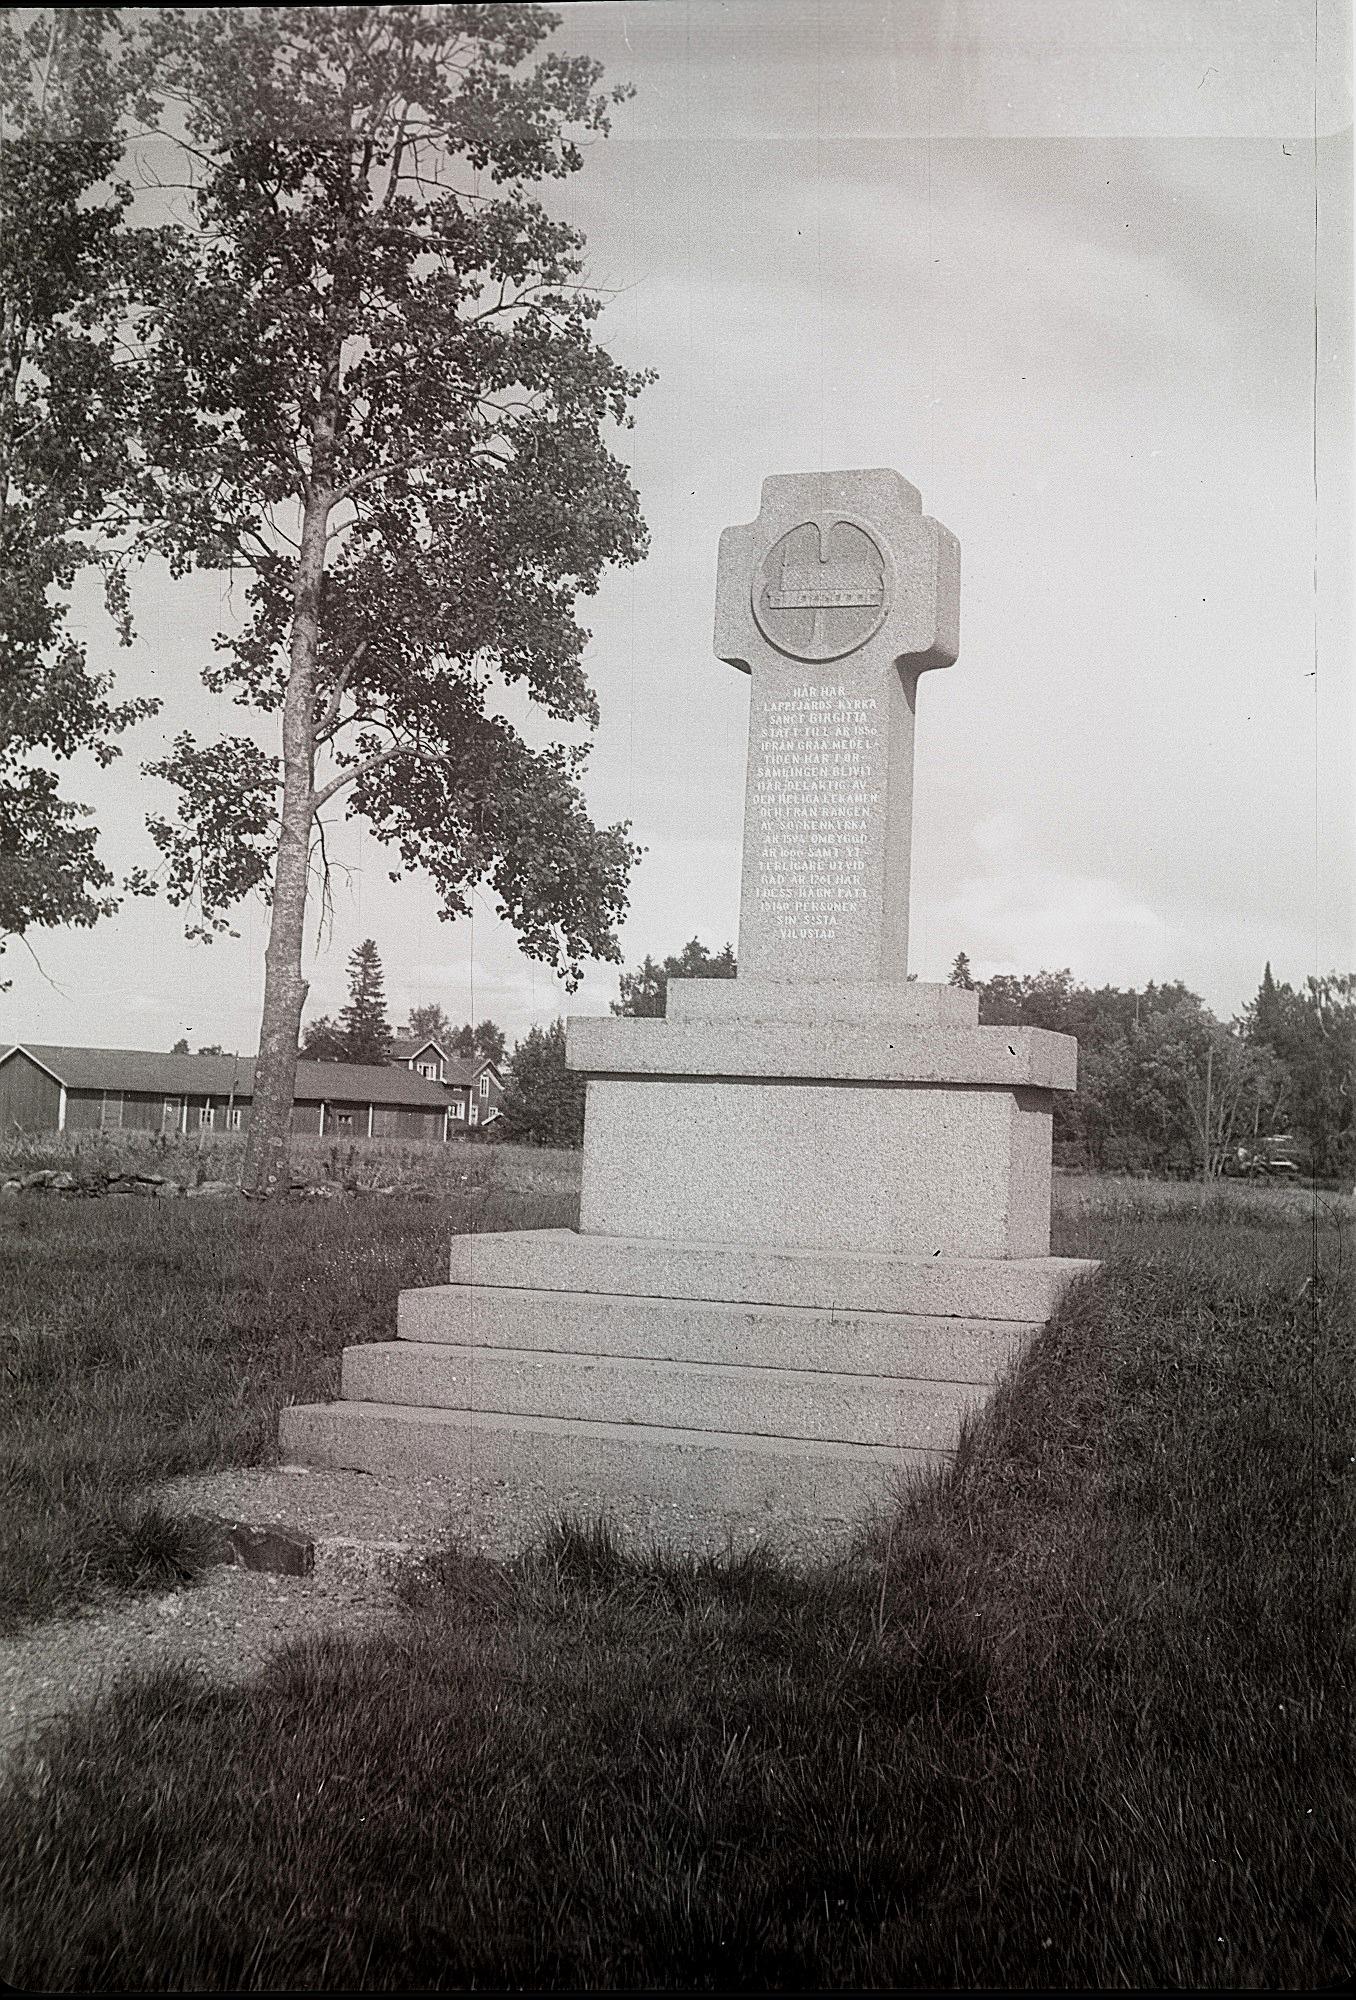 År 1961 restes detta monument på den plats där den gamla Sanct Birgitta-kyrka hade stått i länga tider. Enligt inskriptionen revs den gamla kyrkan 1856 och hela 15 140 personer skulle vara begravda i dess närhet. Foto Selim Björses.